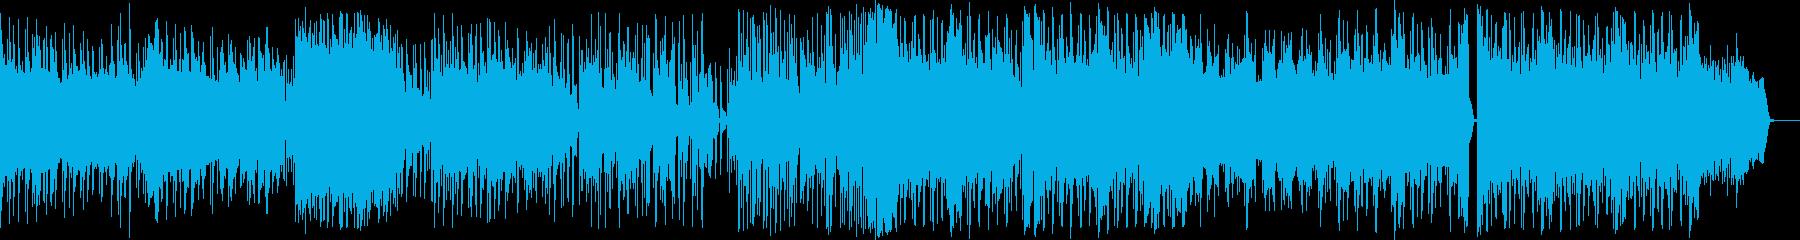 EDMエスニック生ヴァイオリン、生ボイスの再生済みの波形